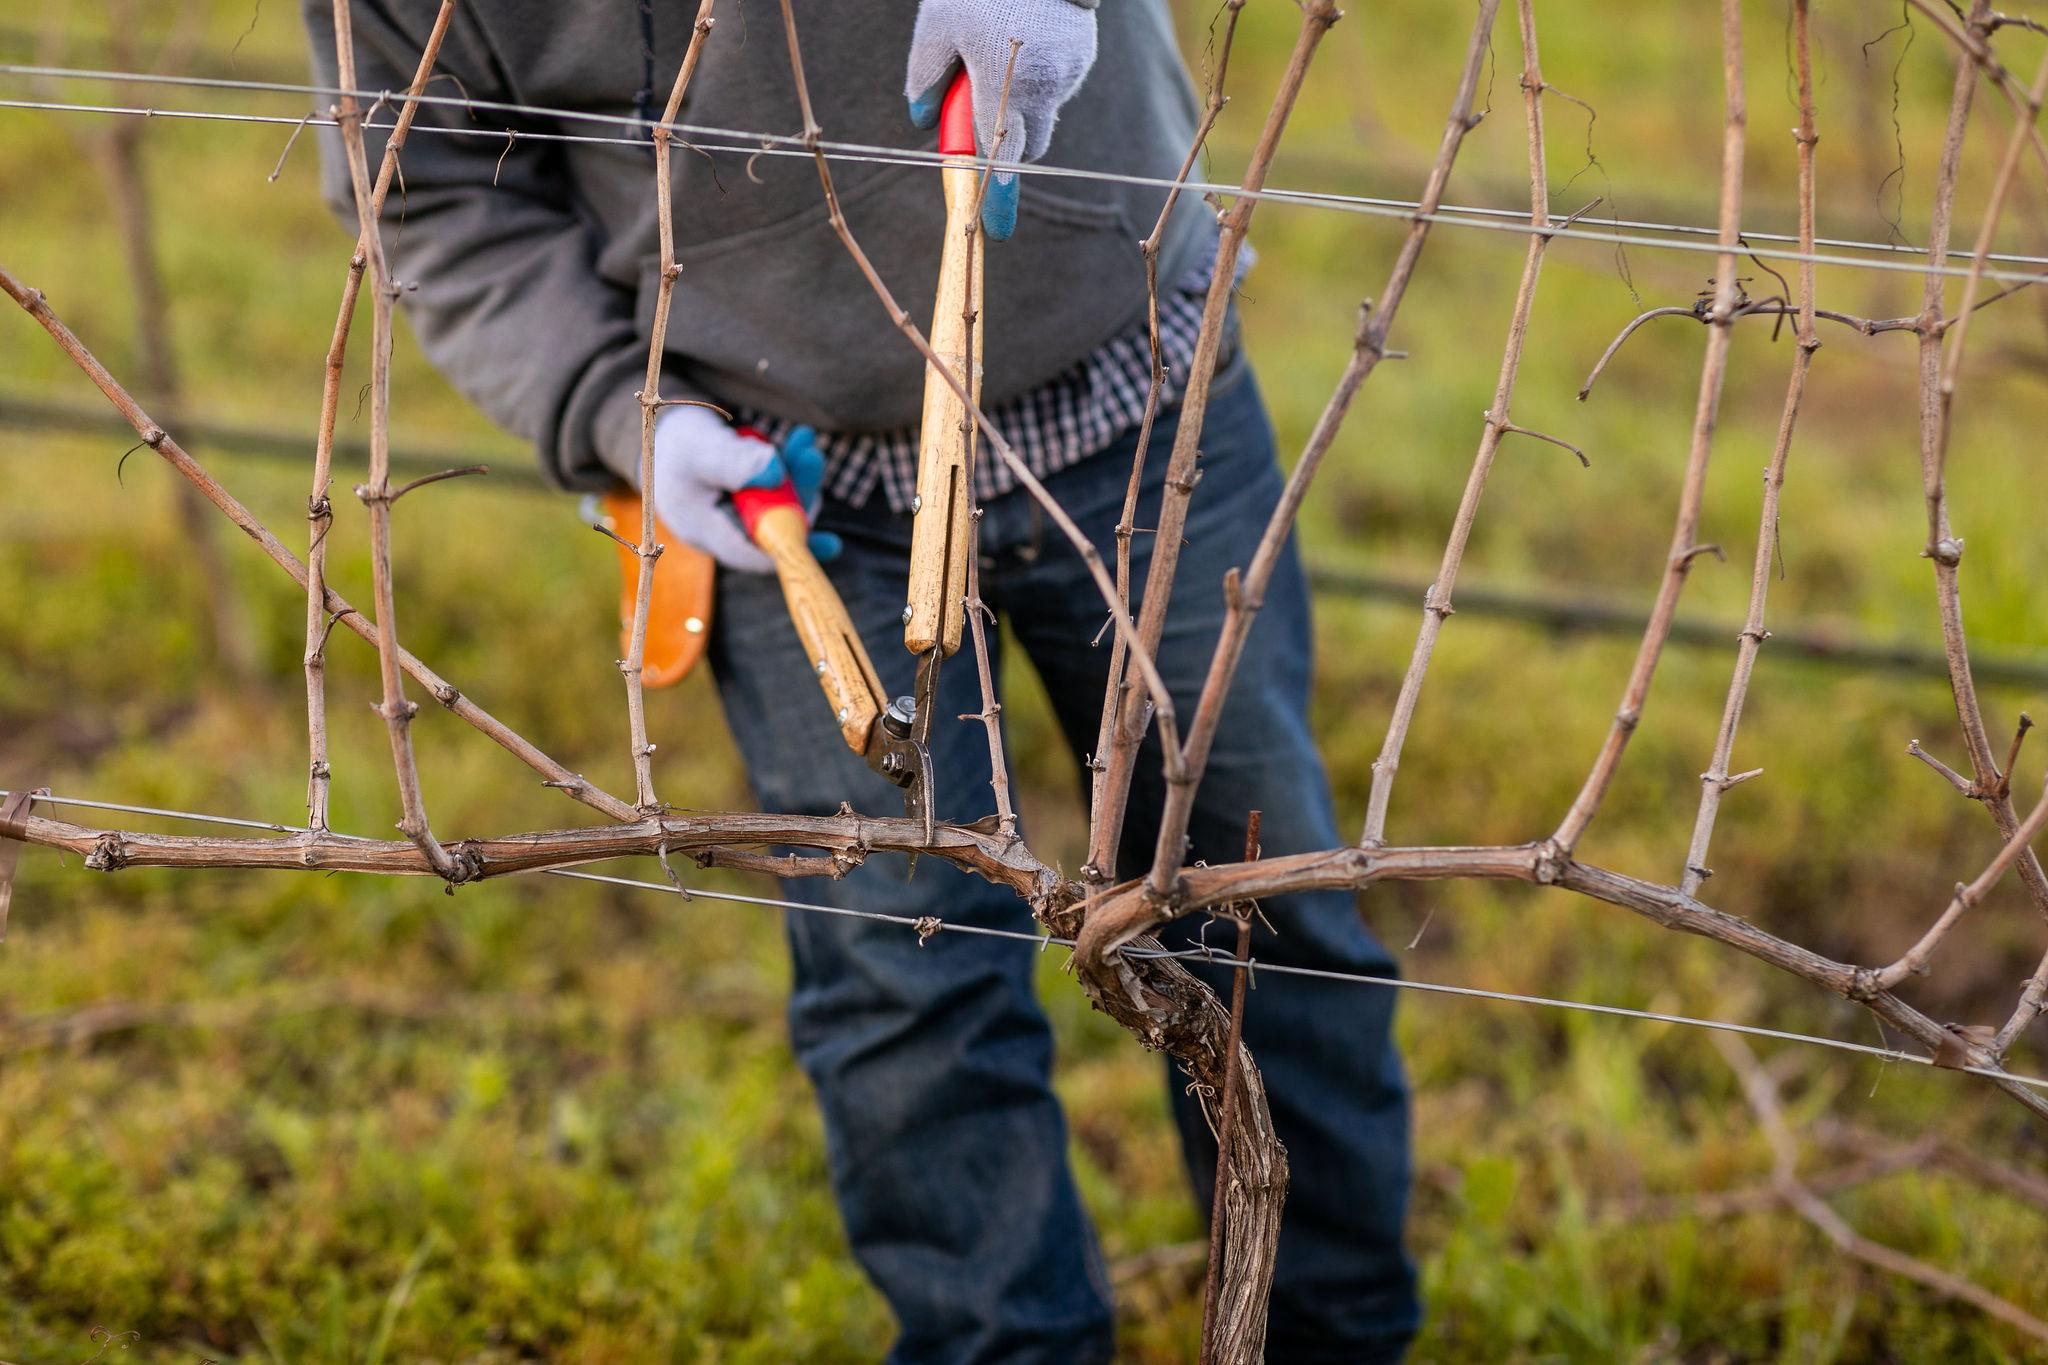 acacia_productions-halter_ranch-pruning-0075.jpg